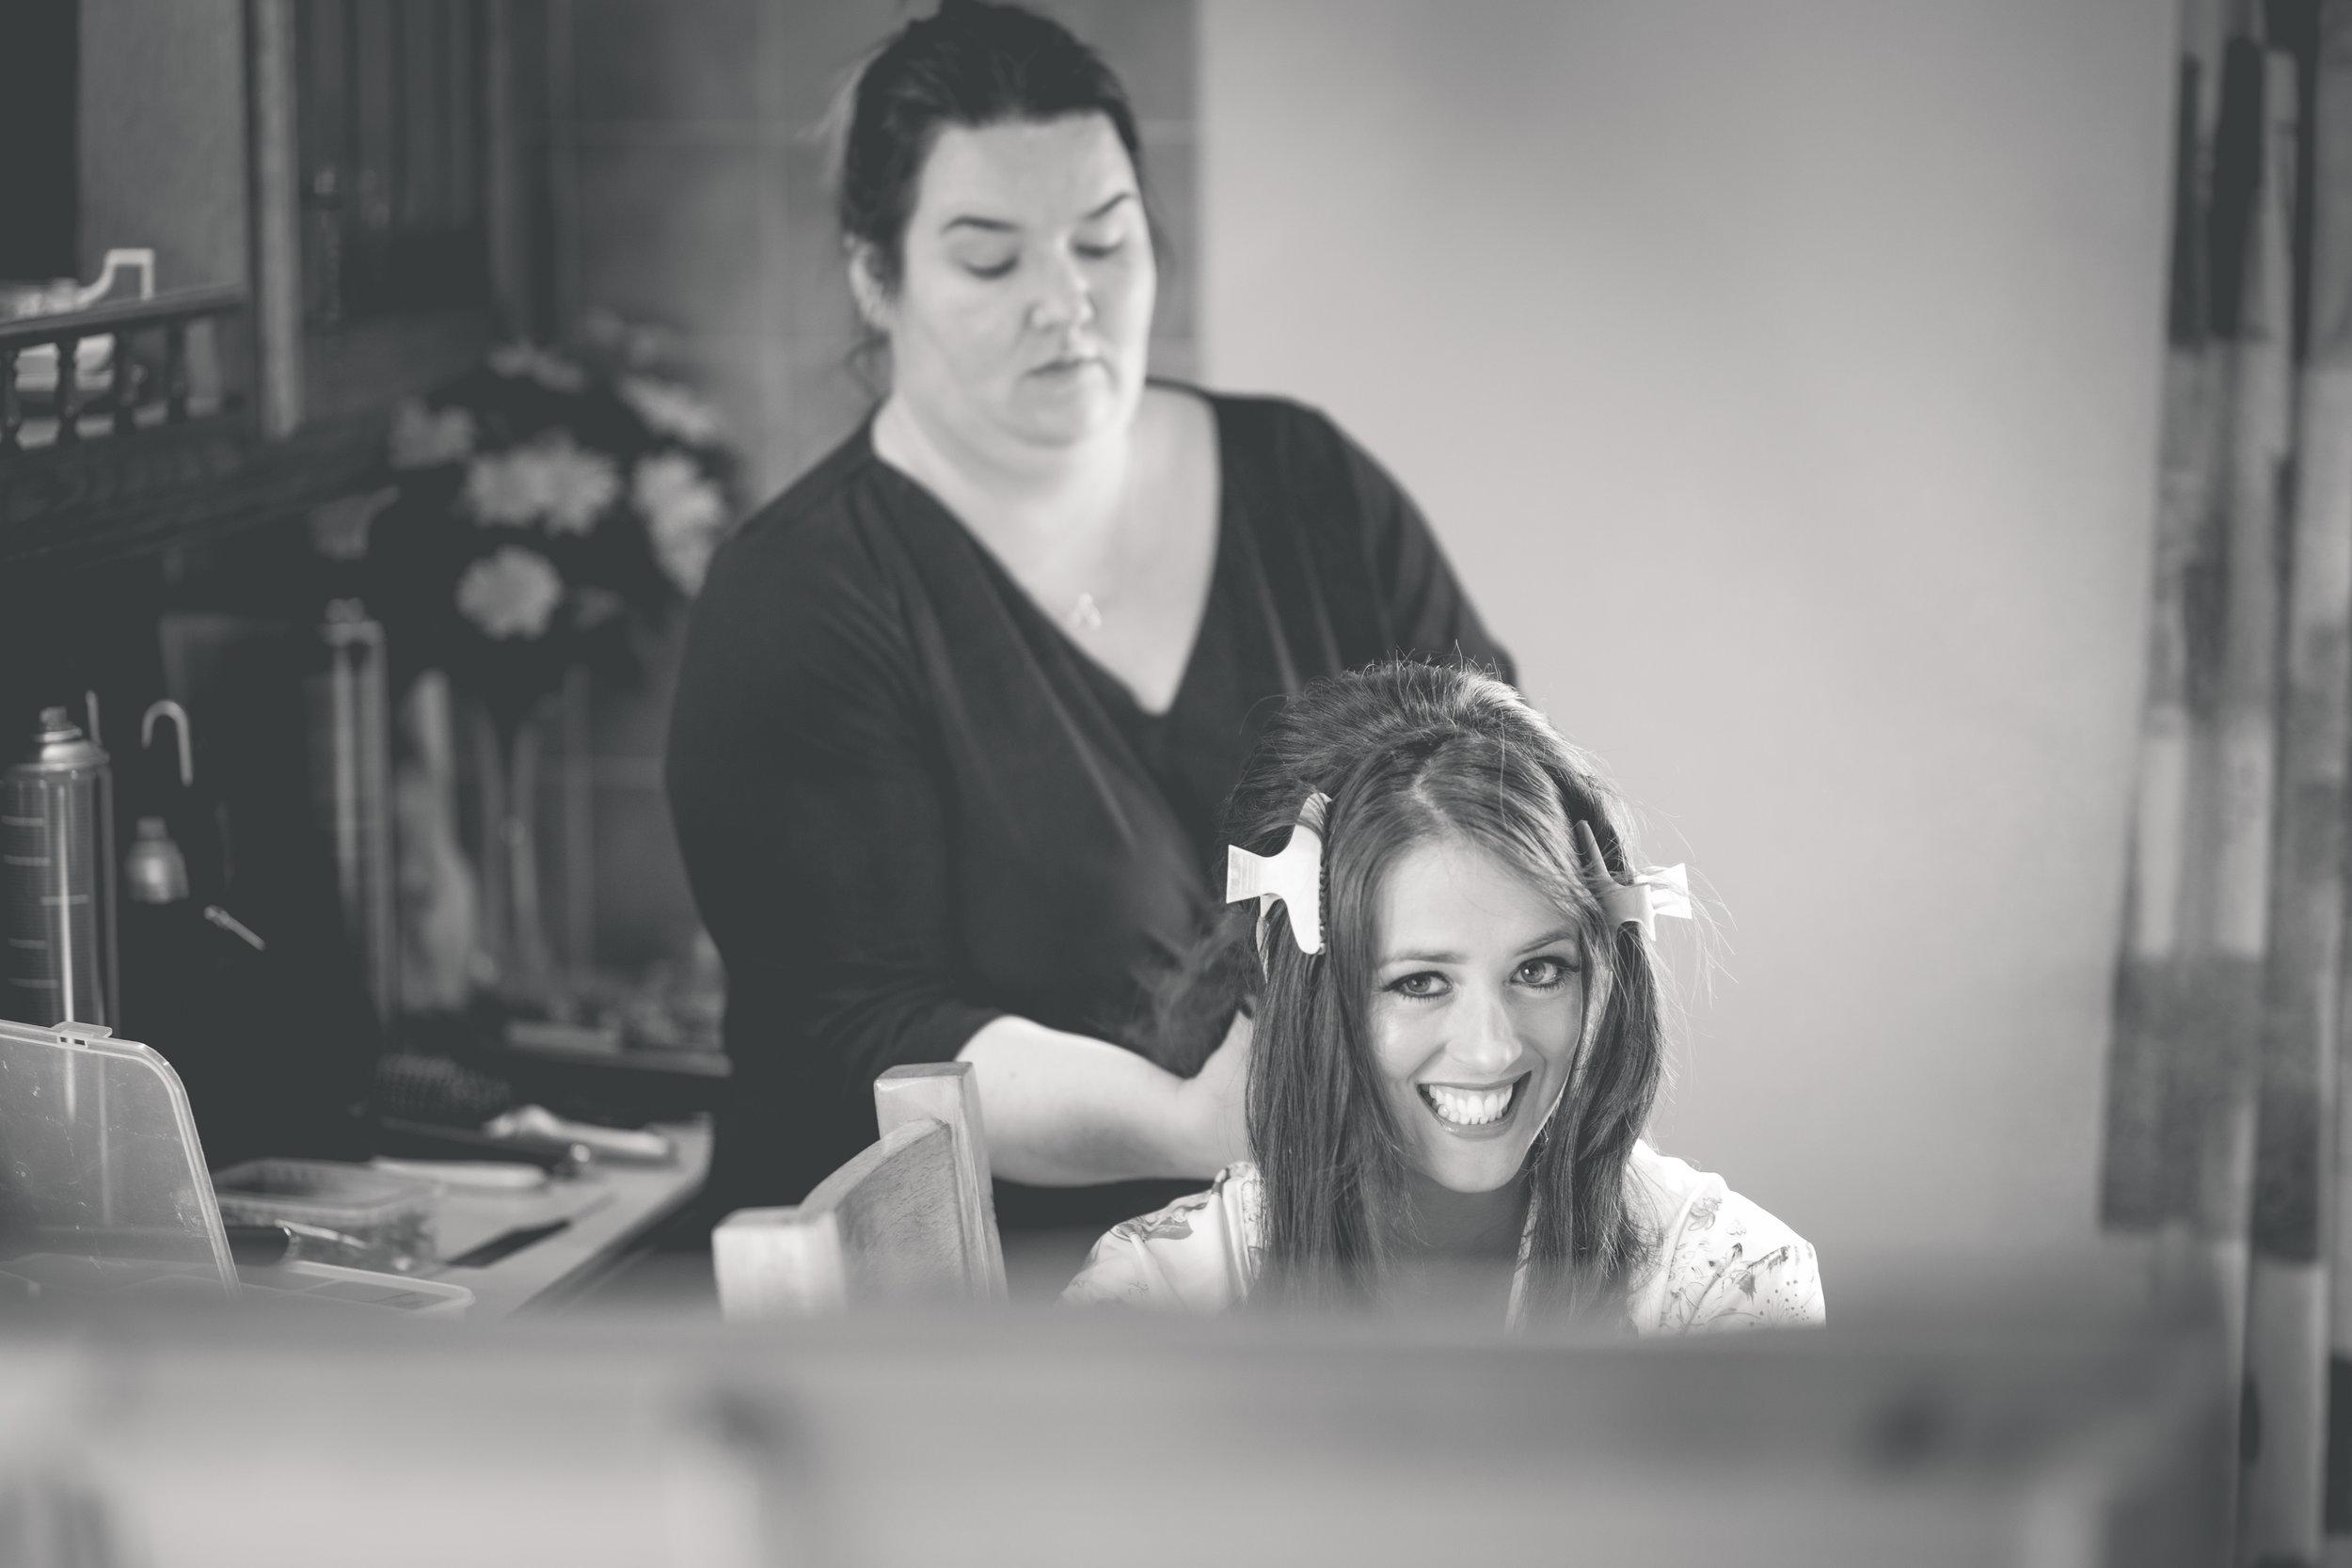 Brian McEwan Wedding Photography | Carol-Anne & Sean | Bridal Preparations-94.jpg